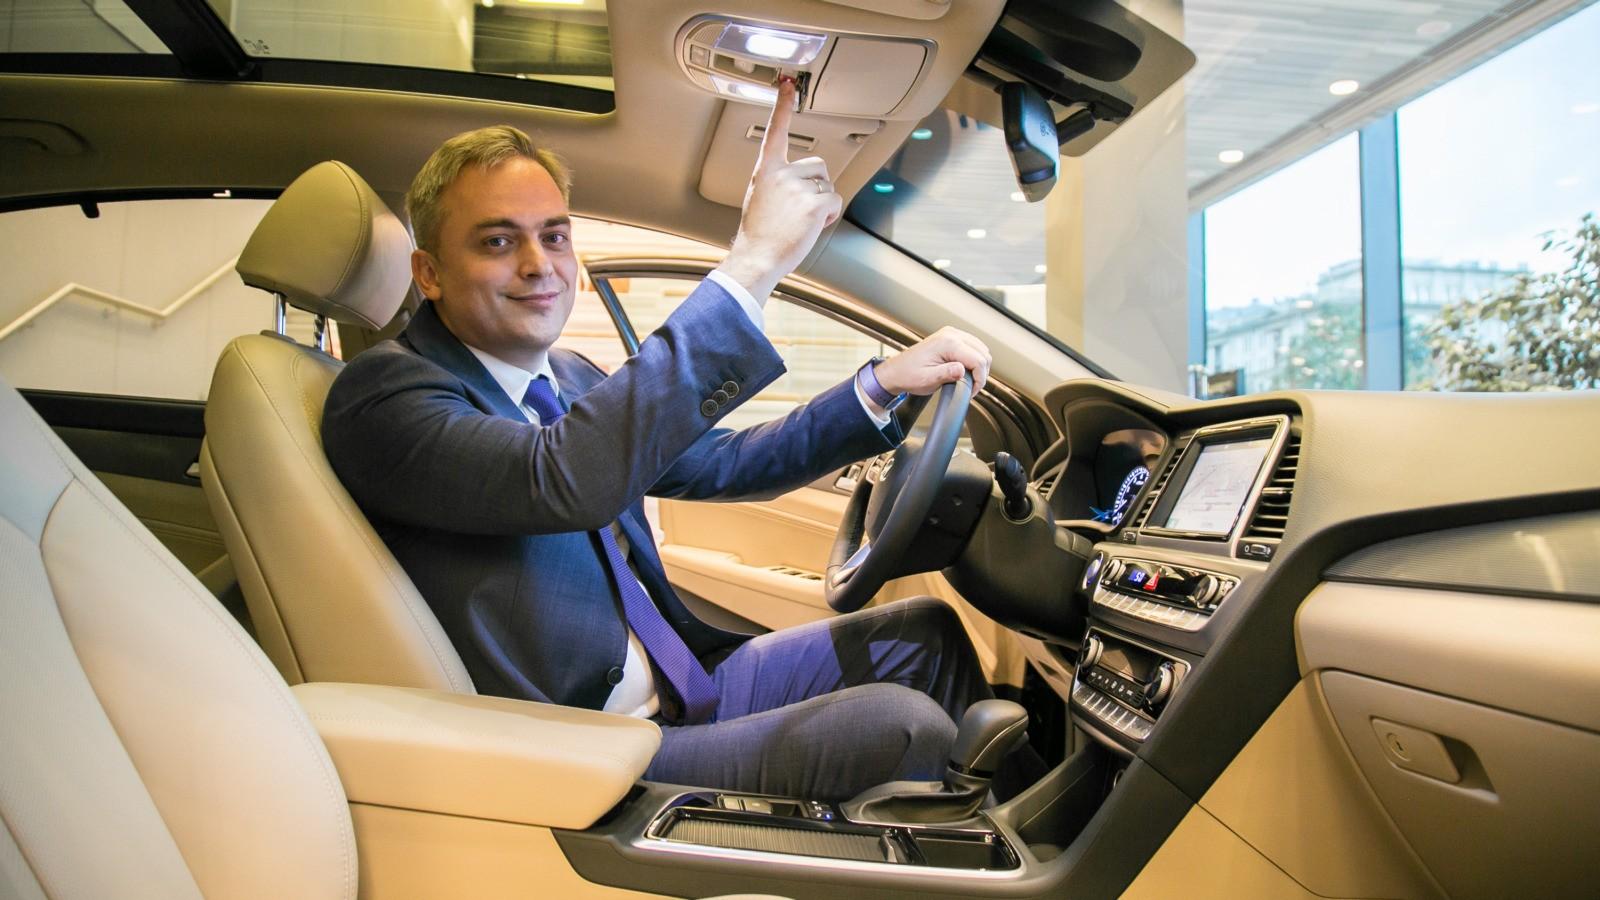 Нефедов Александр, директор по послепродажному обслуживанию